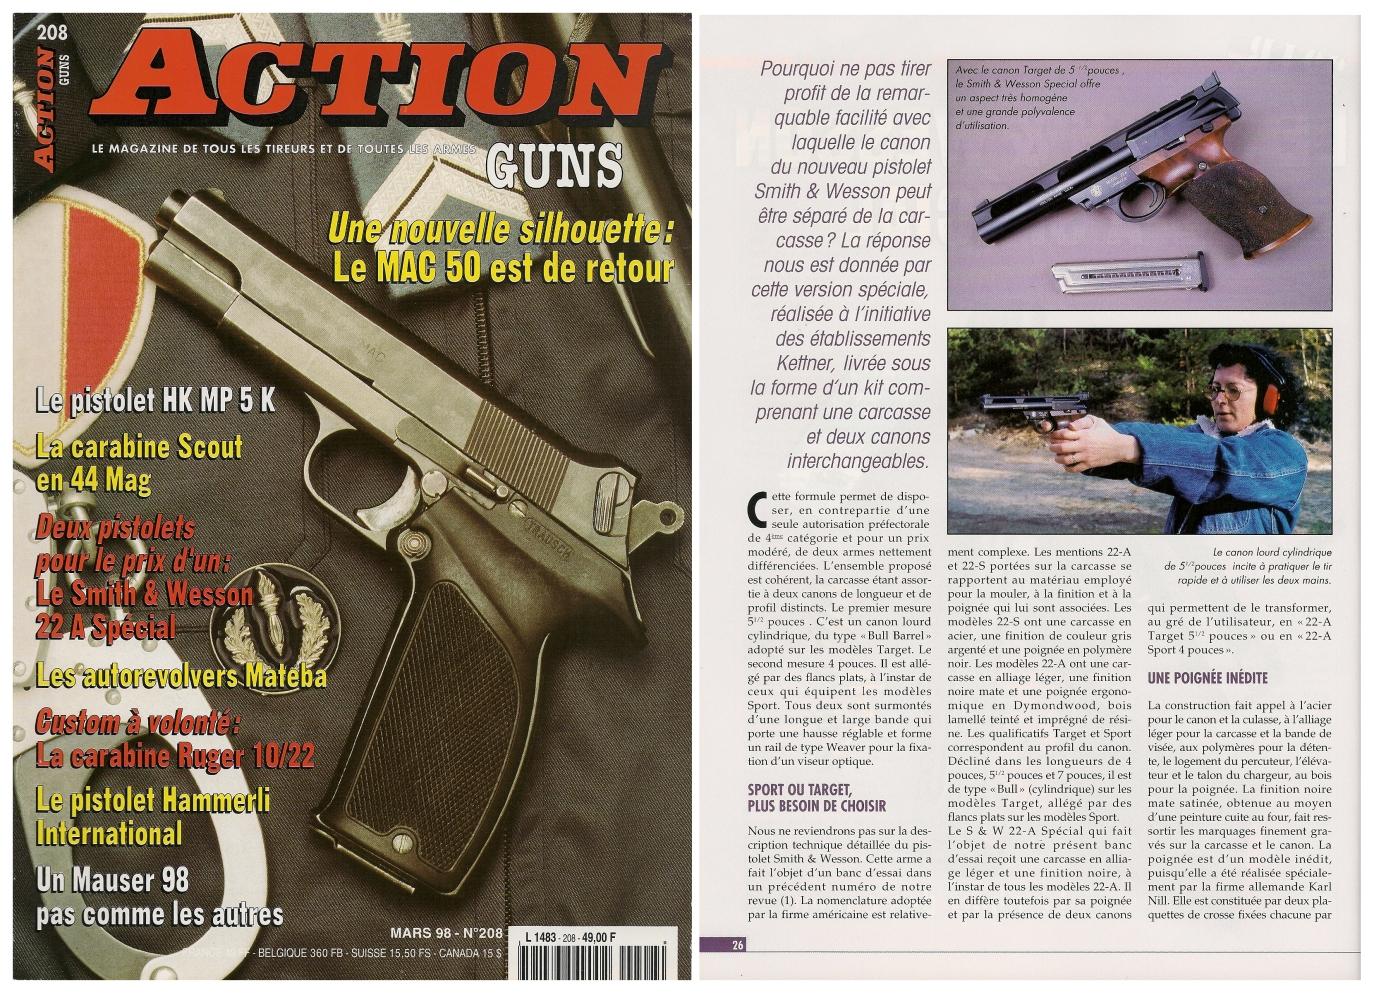 Le banc d'essai du pistolet Smith & Wesson 22-A Spécial a été publié sur 5 pages dans le magazine Action Guns n°208 (mars 1998).